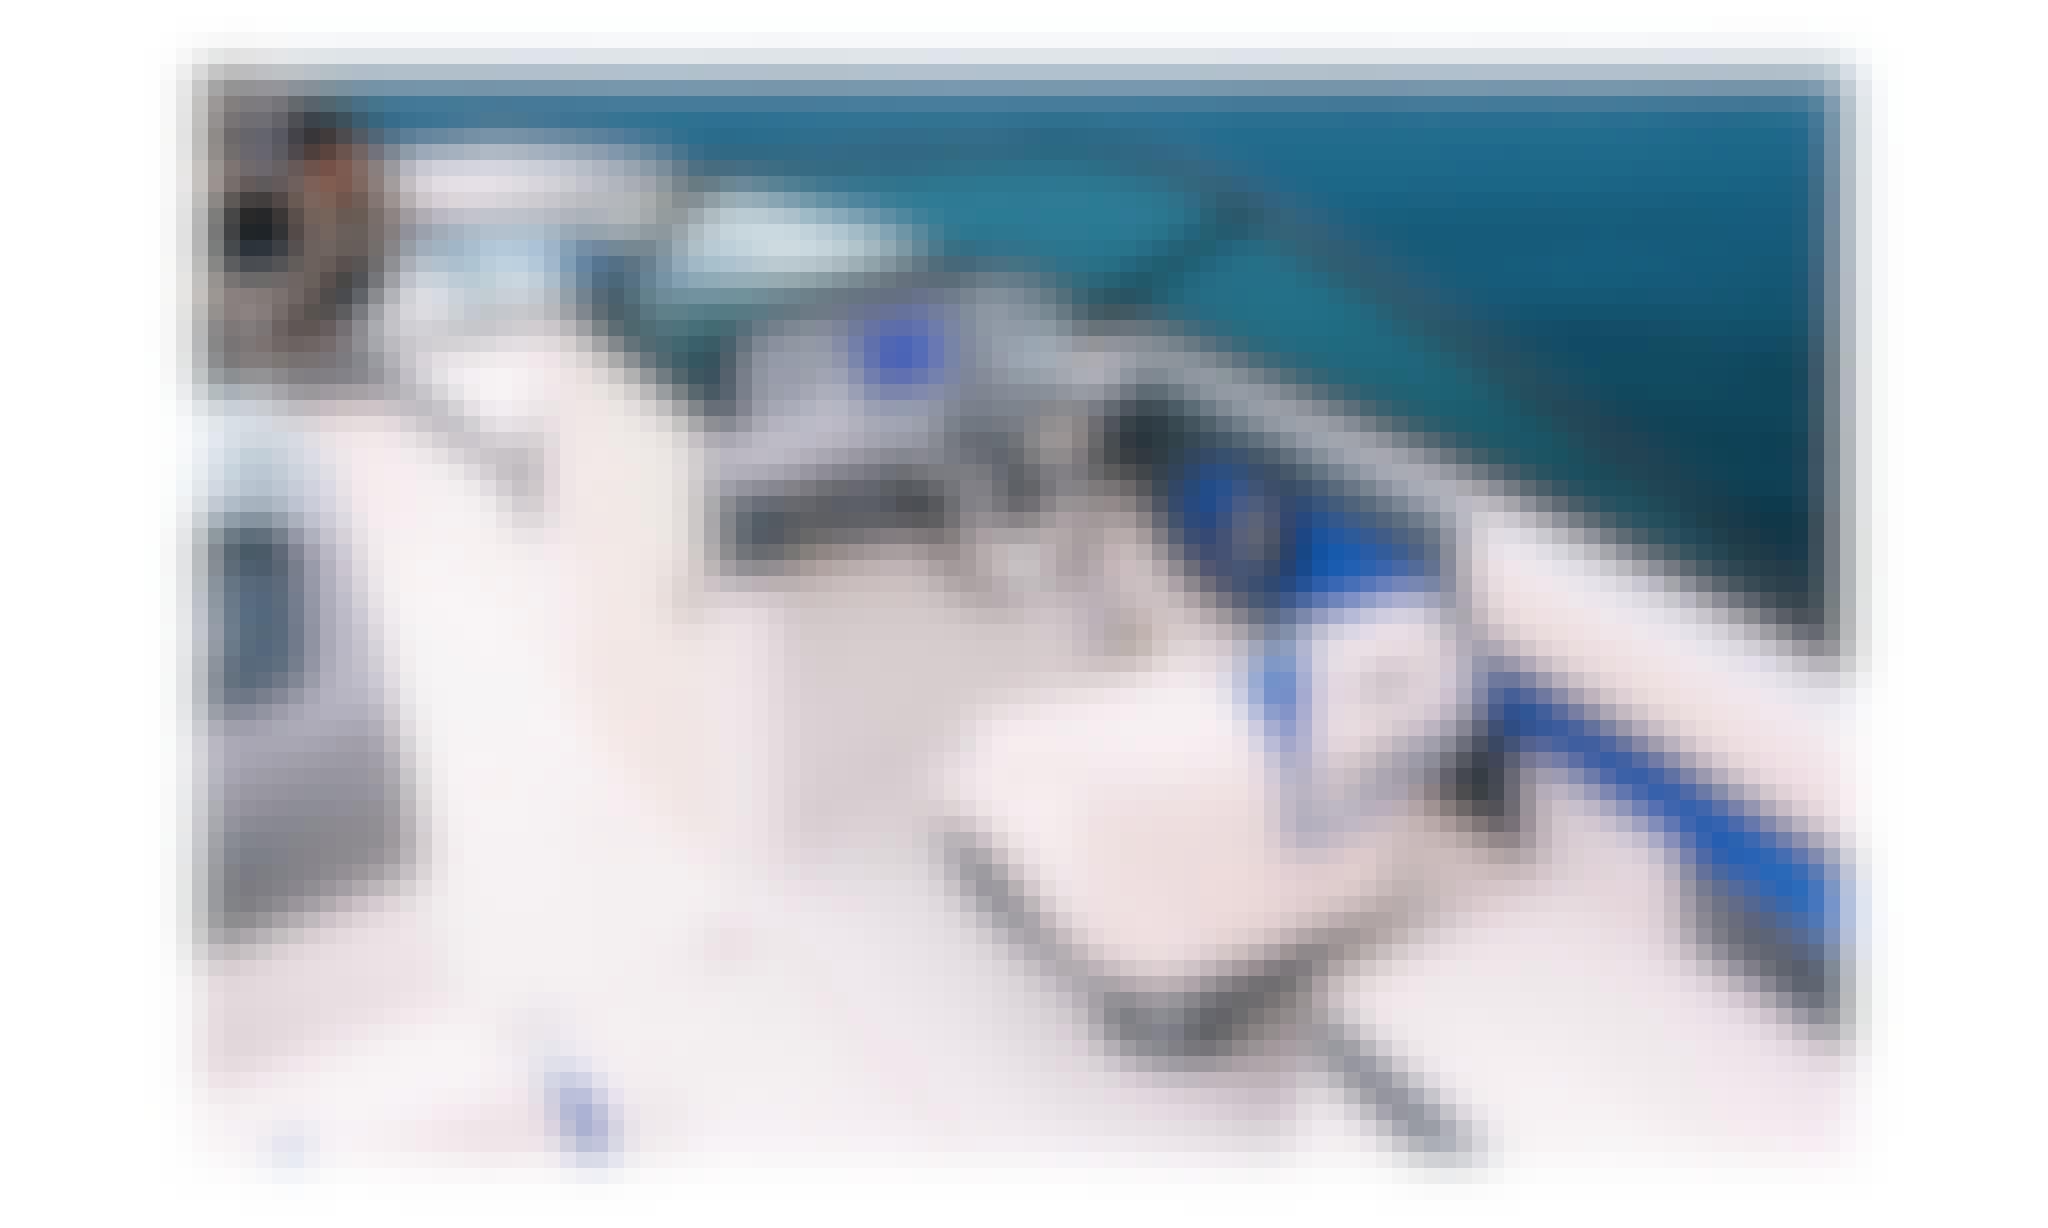 Chaparral Vortex 2430 VRX Power Boat Rental in St. Augustine, Florida